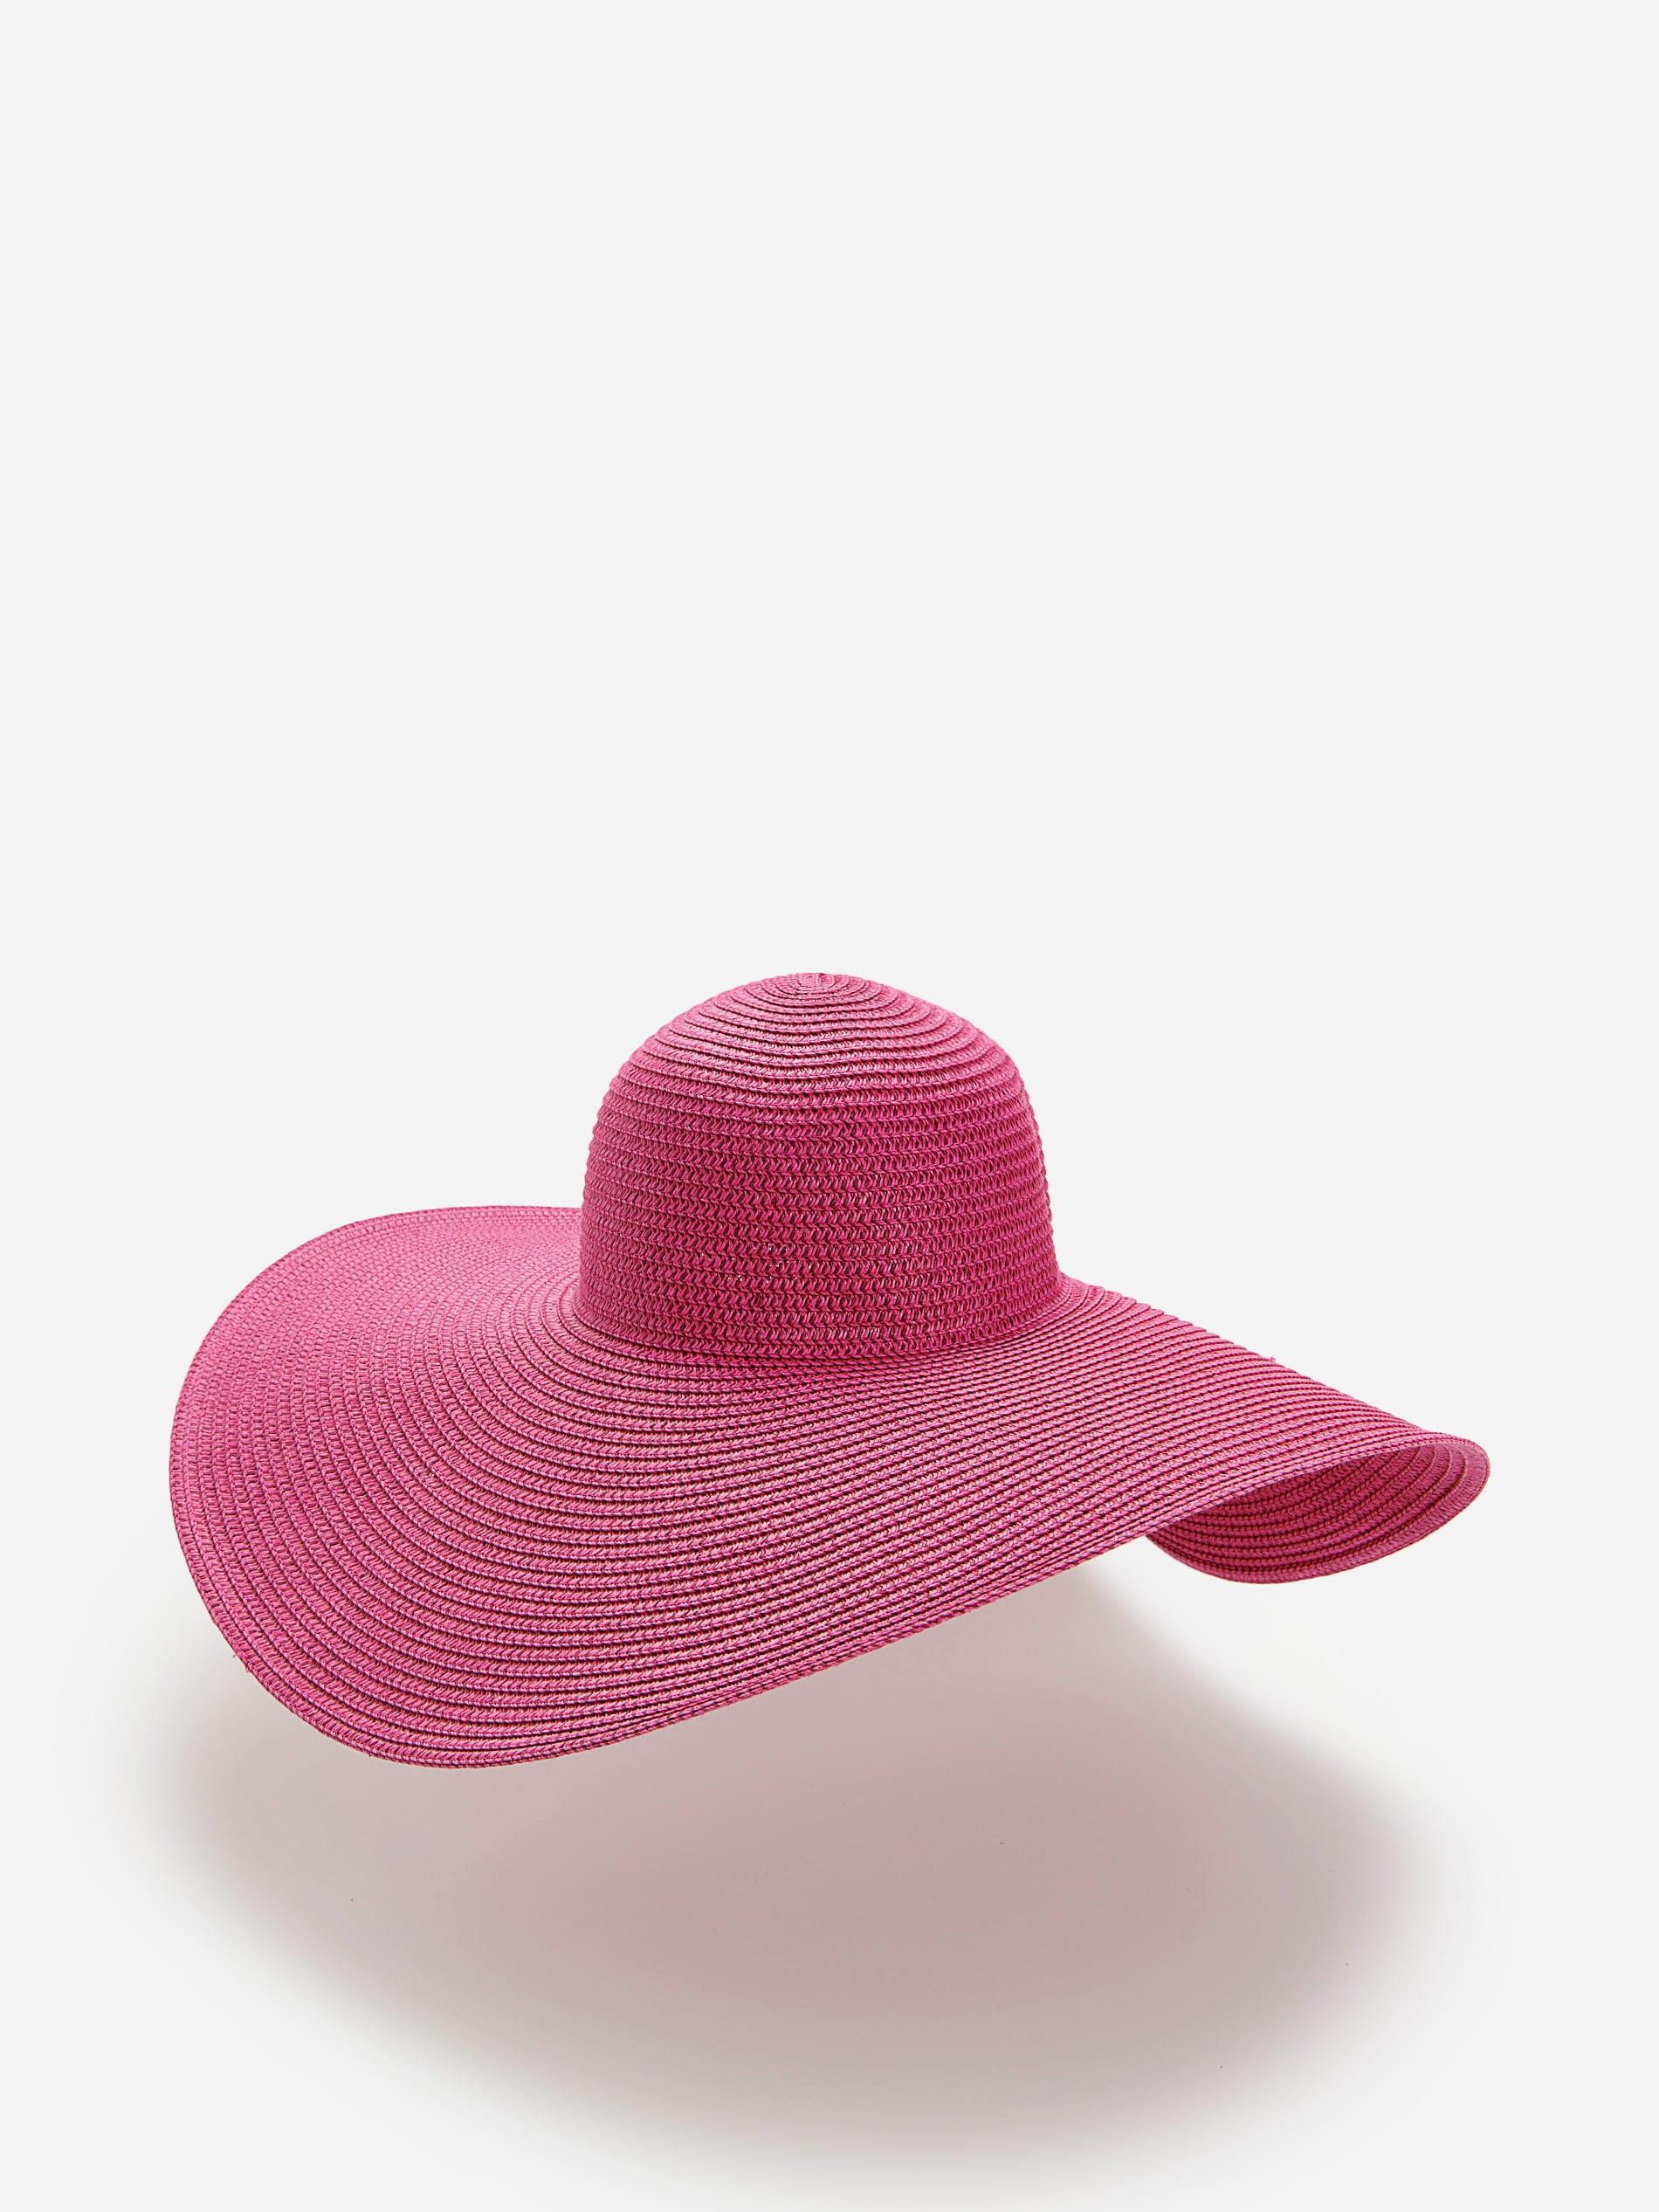 Pleteni šešir širokog oboda - ružičasta - ZW276-42X - RESERVED - 1